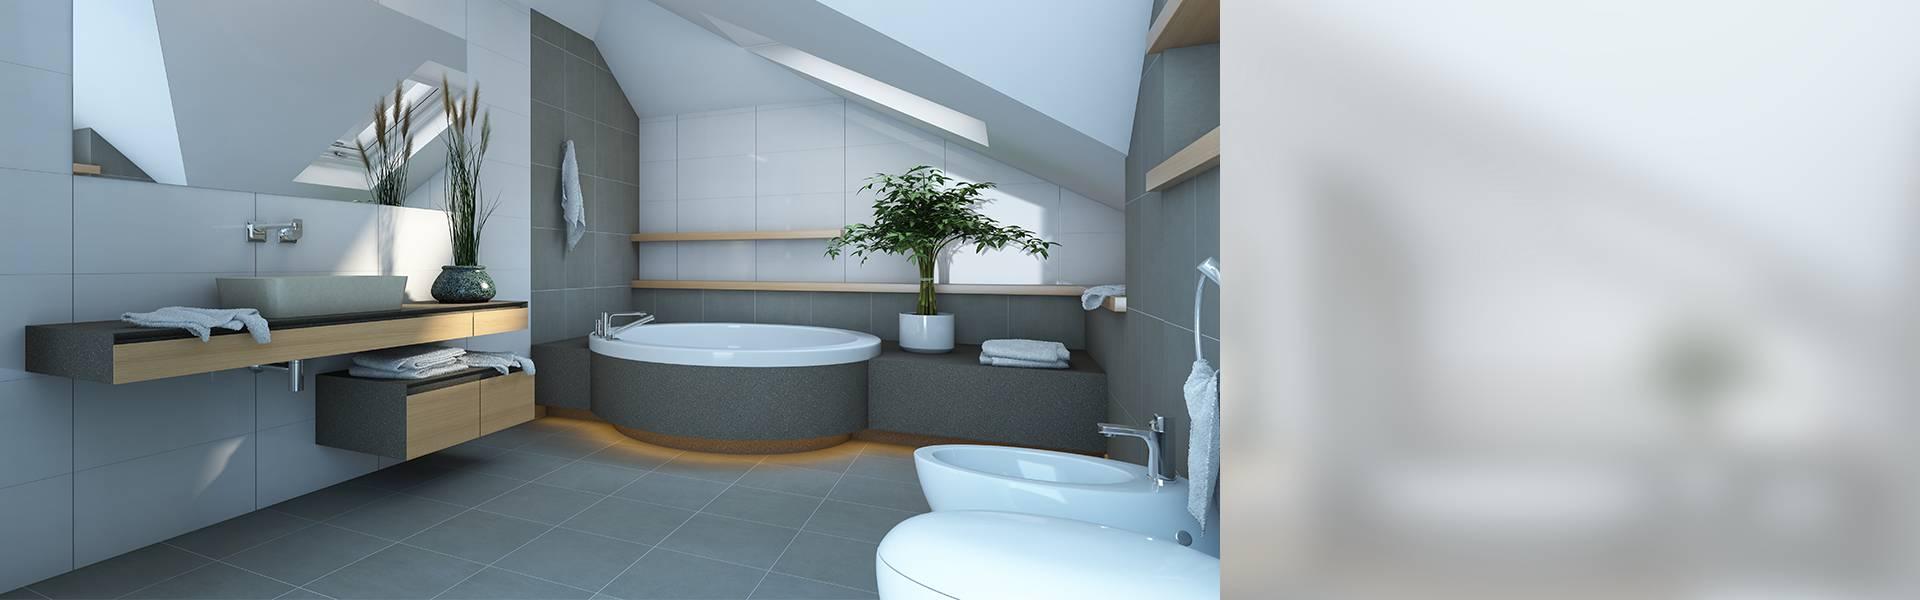 Badezimmer fliesen aus alt mach neu